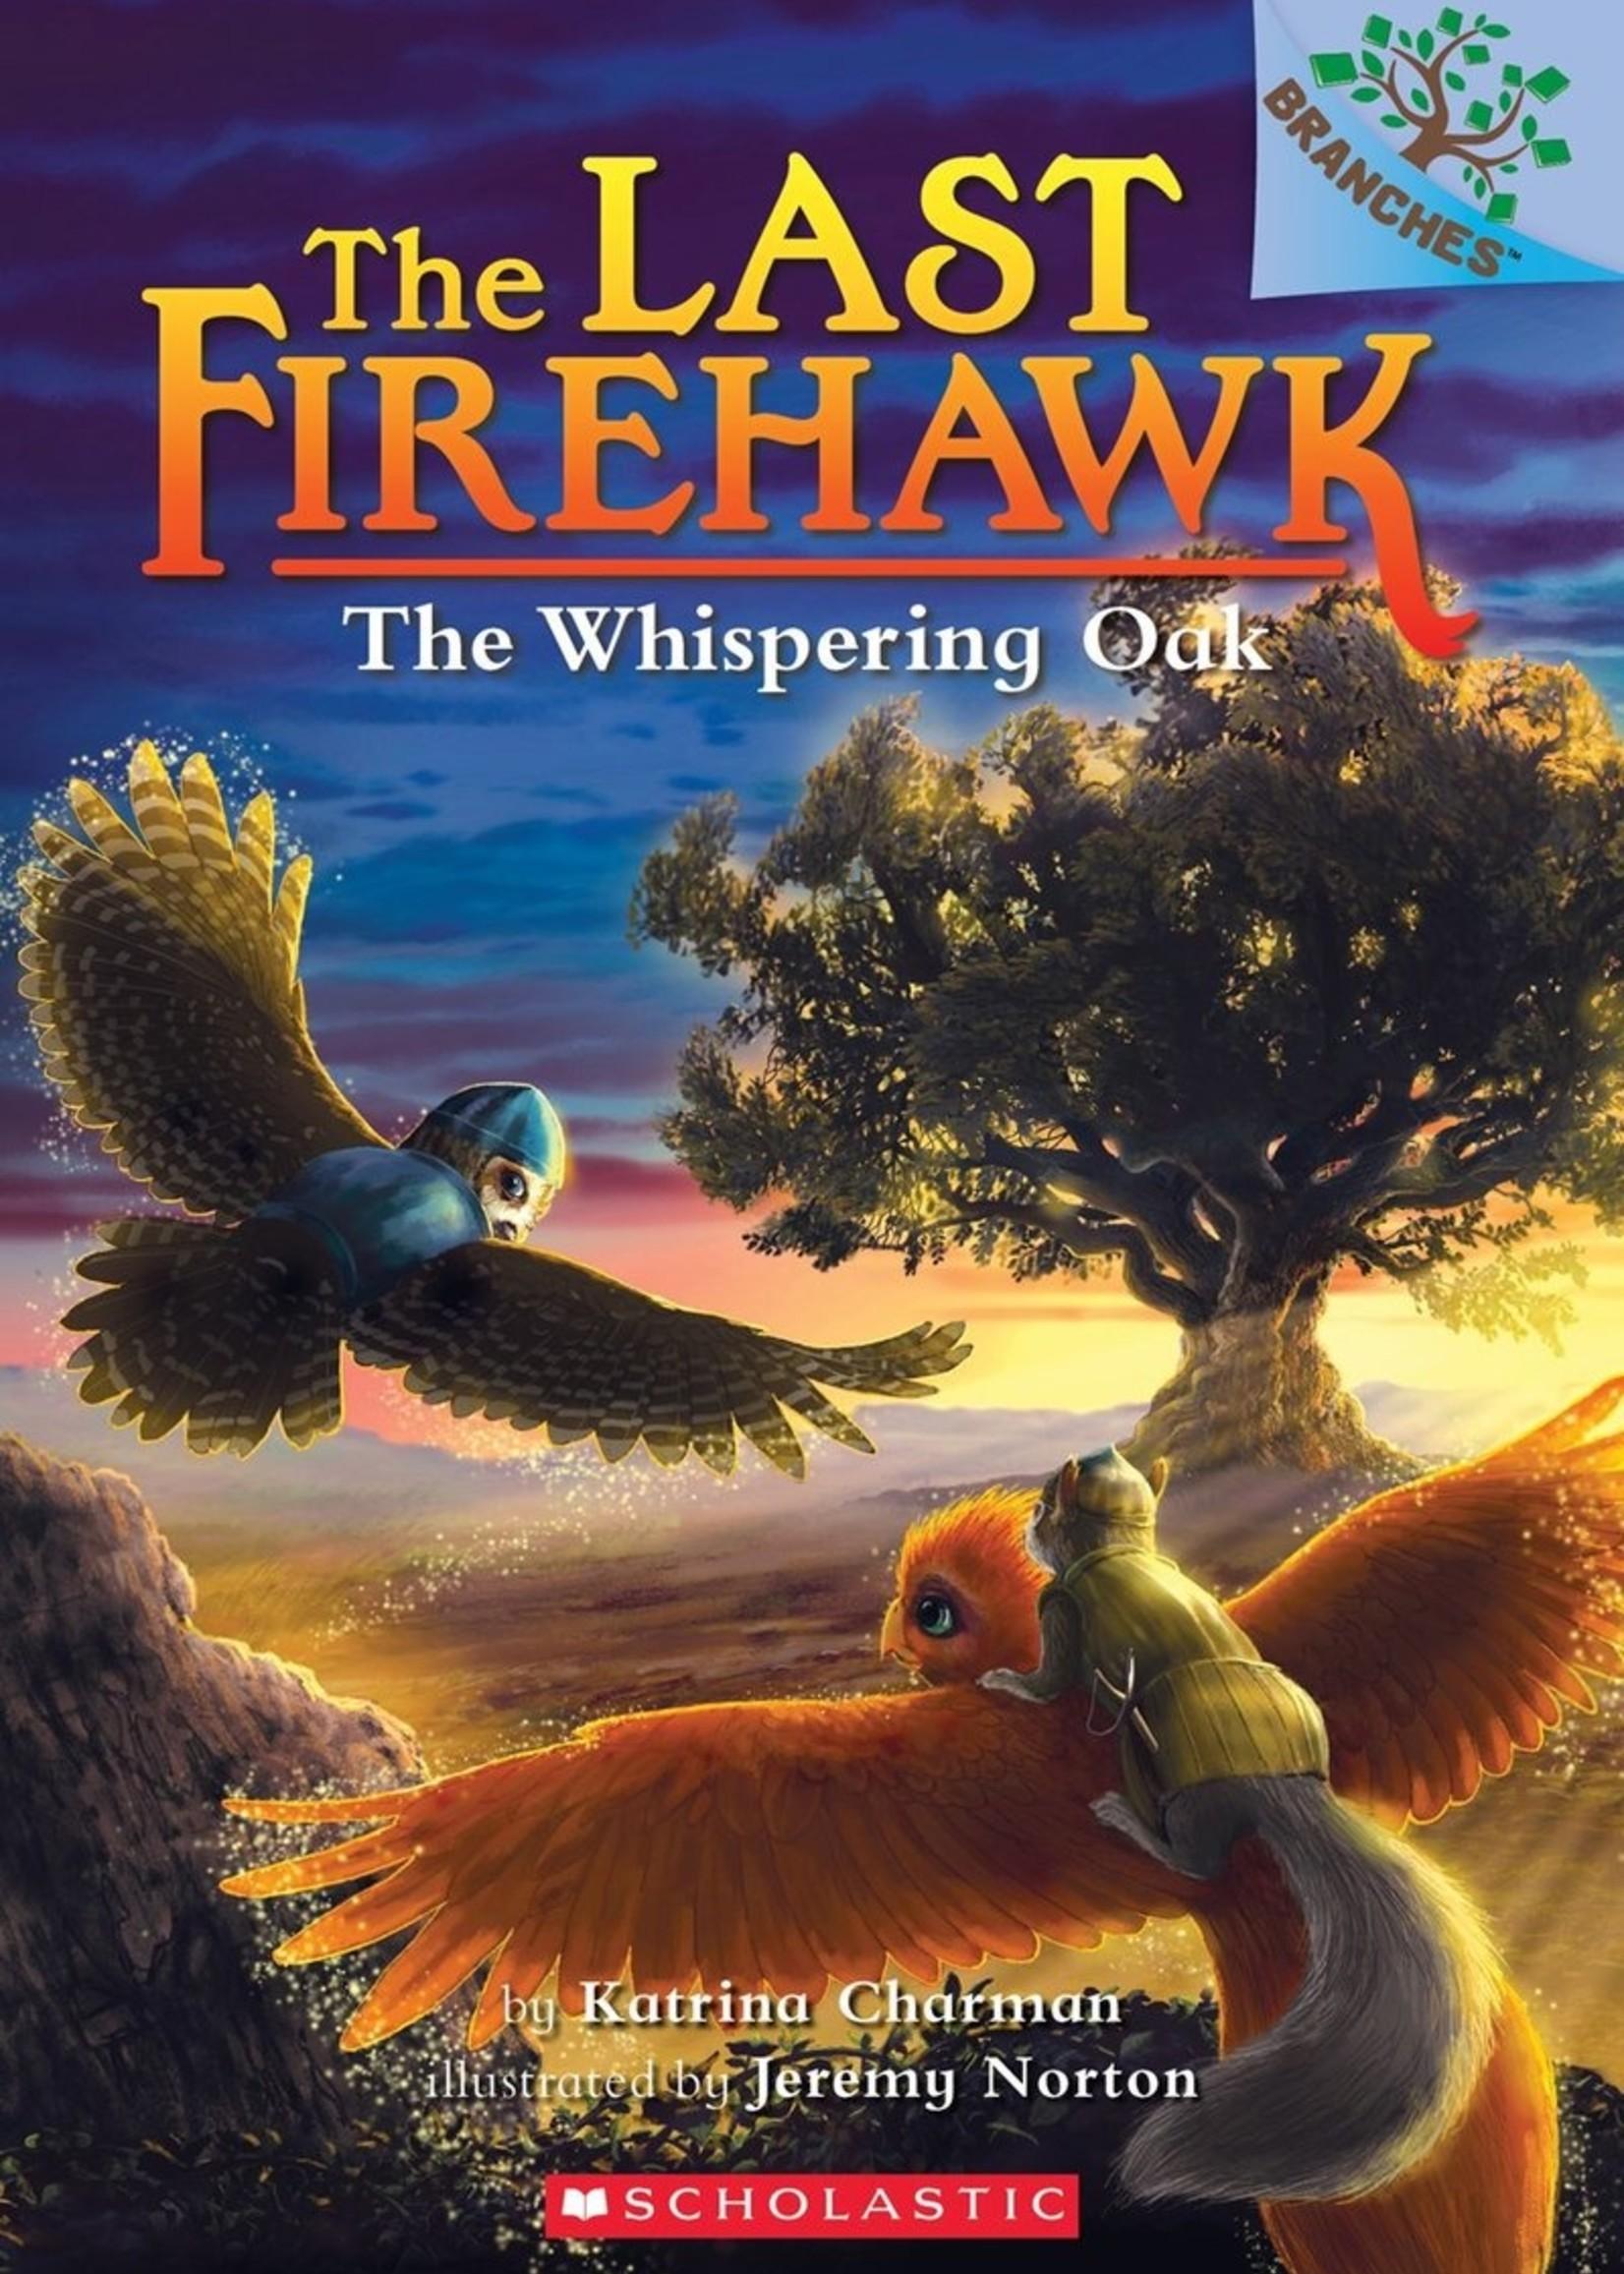 The Last Firehawk #03, The Whispering Oak - Paperback